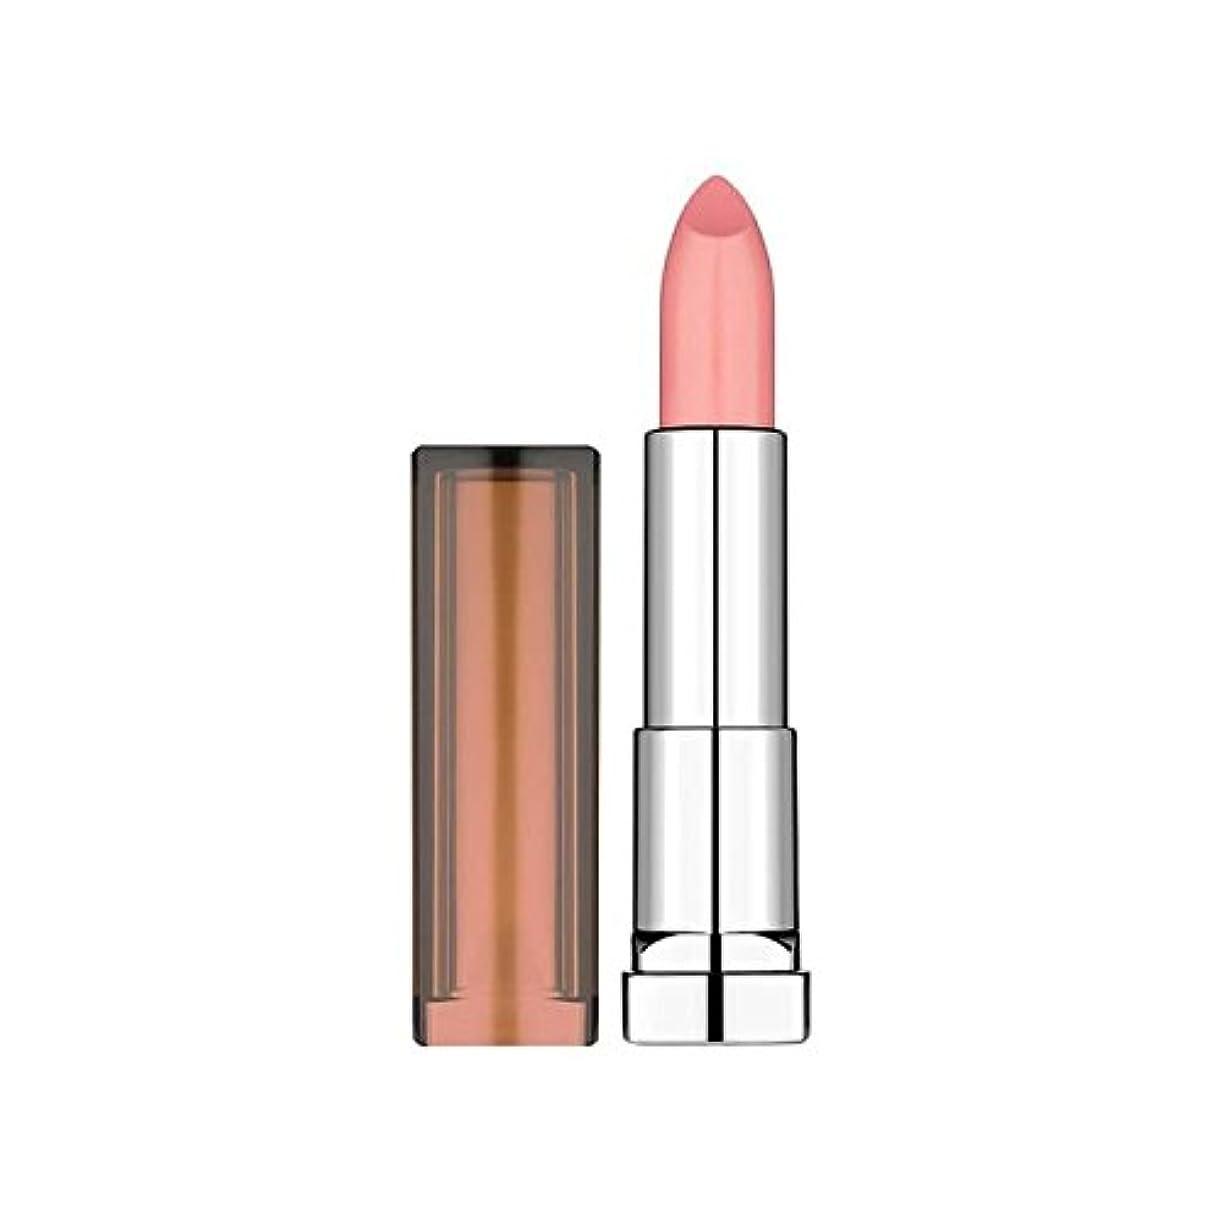 警察署乏しい害虫メイベリンカラーセンセーショナルなヌードは207ピンクの情事口紅 x4 - Maybelline Color Sensational Nudes Lipstick 207 Pink Fling (Pack of 4) [並行輸入品]